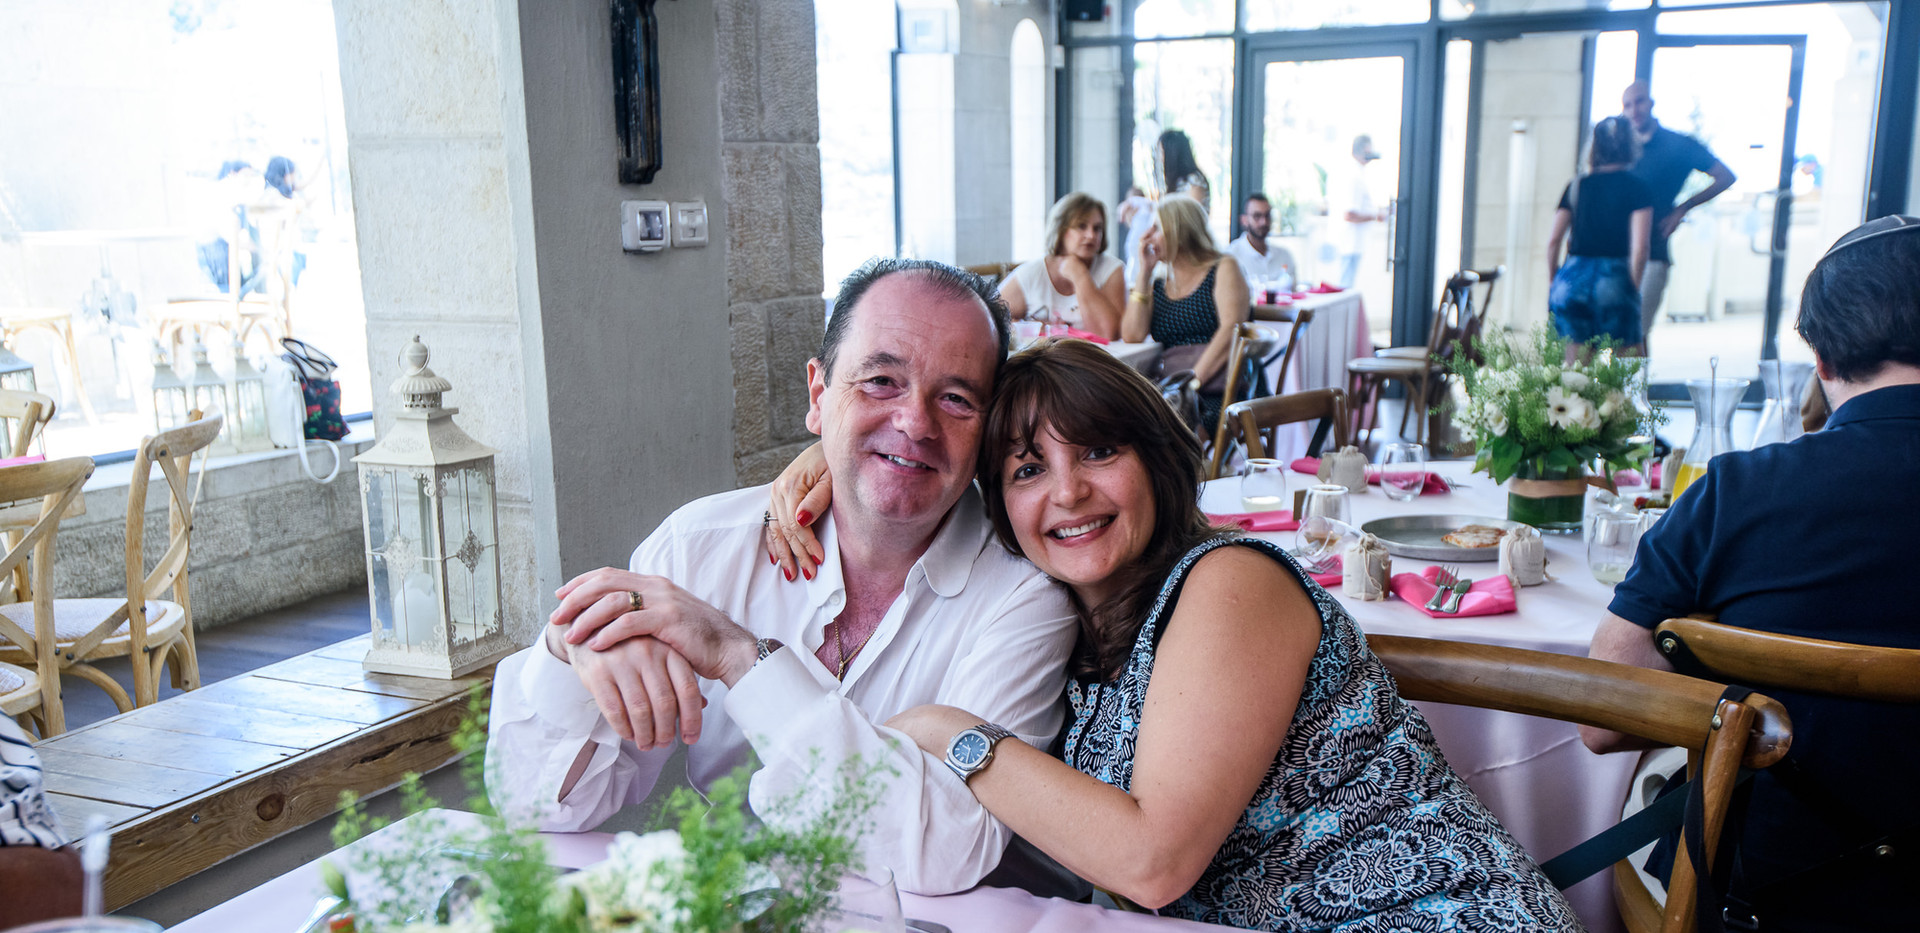 Guests at Teresa Event